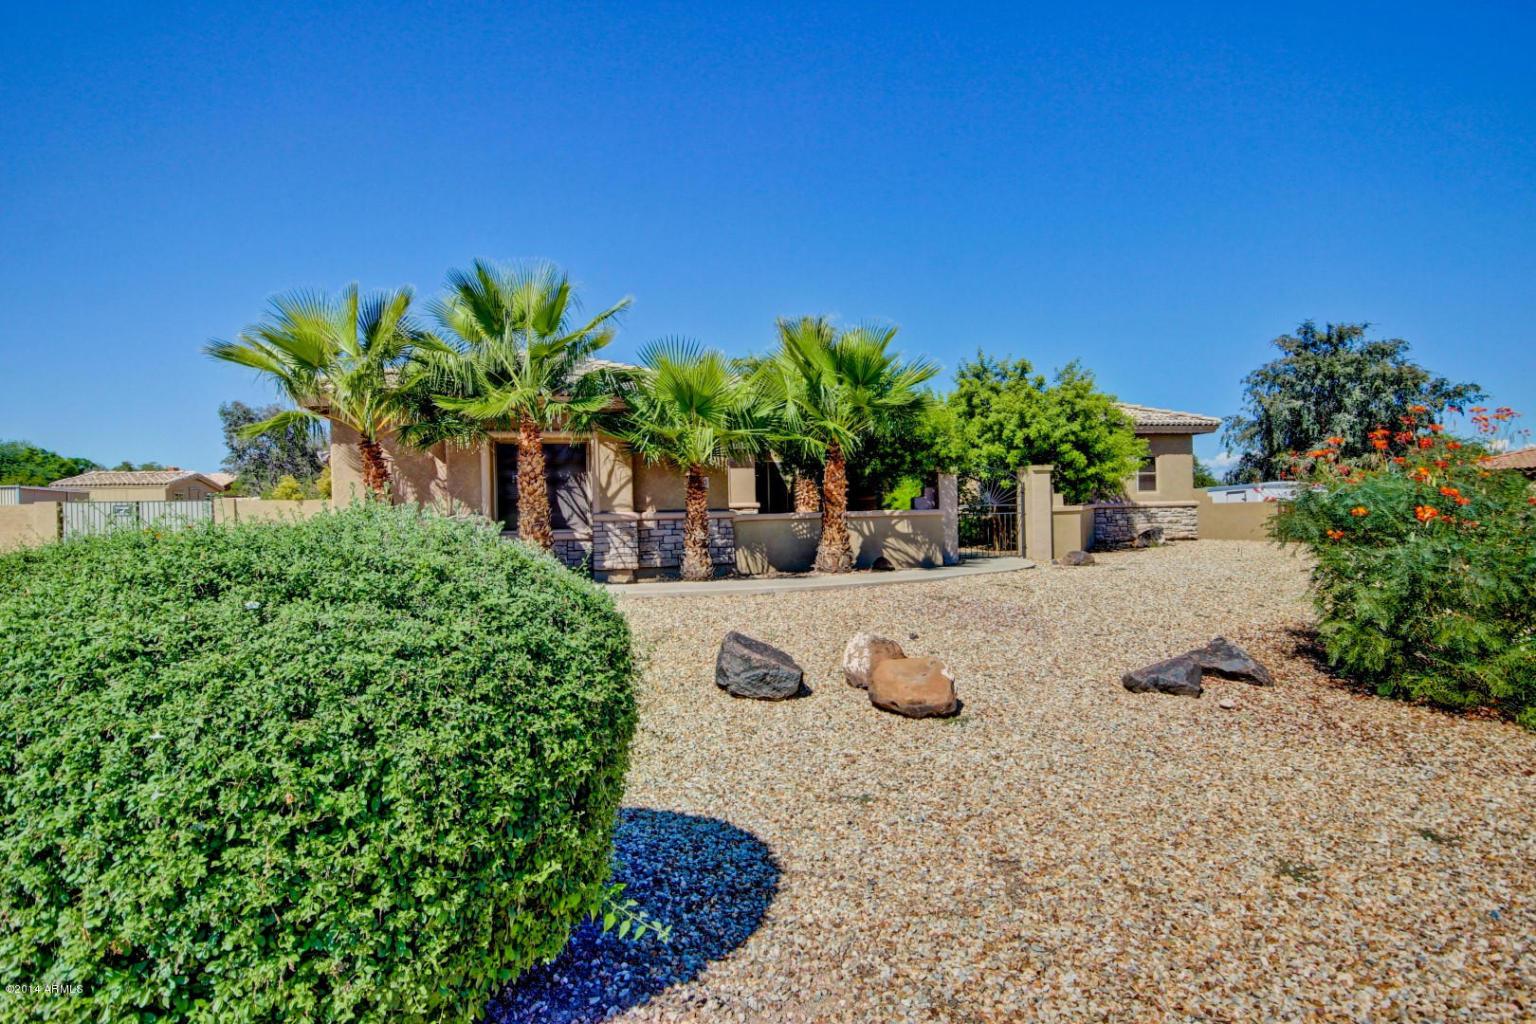 12720 W SAN MIGUEL AVE, Litchfield Park, AZ 85340